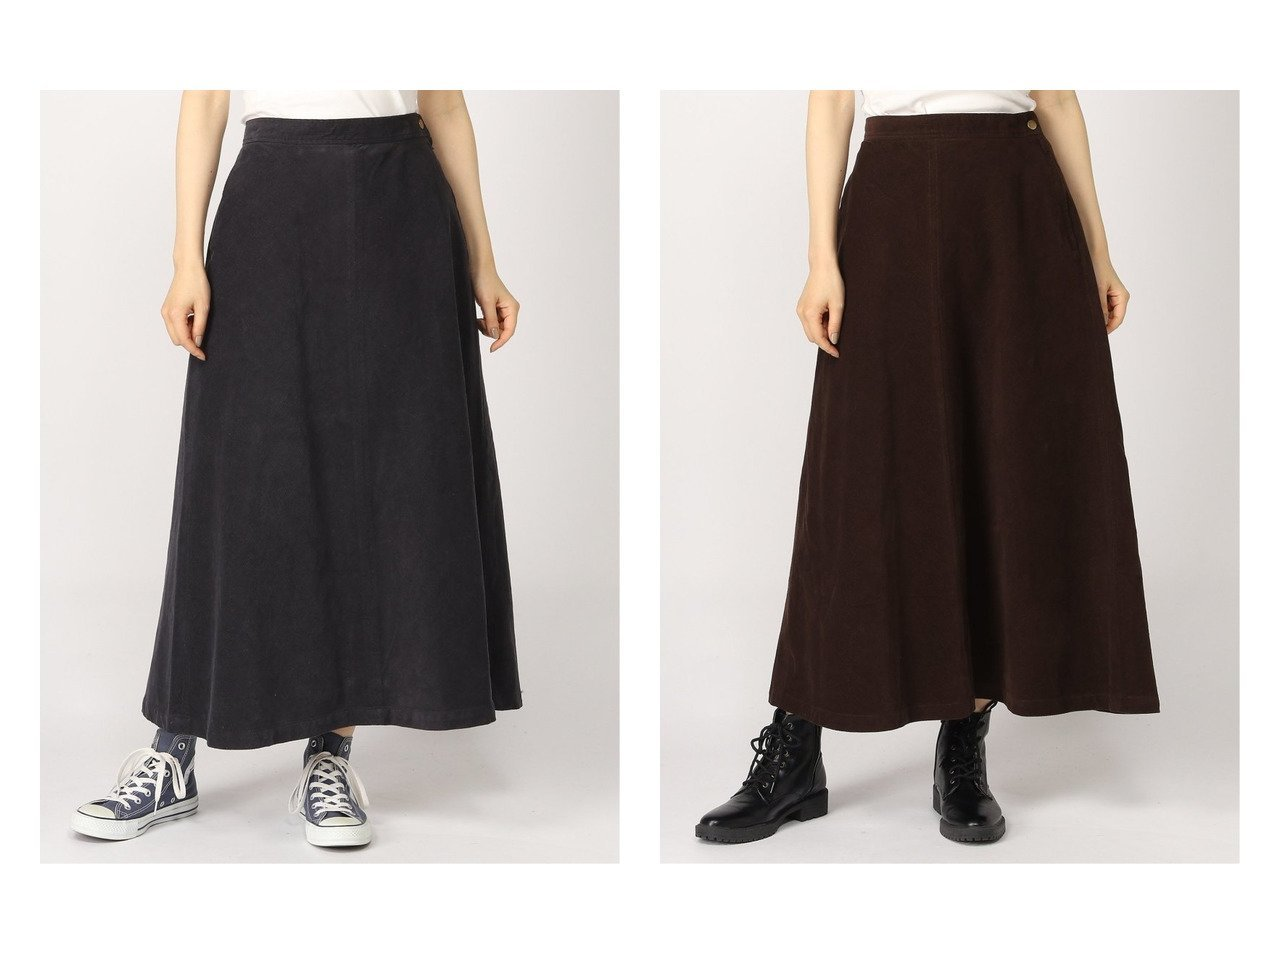 【studio CLIP/スタディオ クリップ】の16WコールセミフレアSK スカートのおすすめ!人気トレンド・レディースファッションの通販 おすすめで人気の流行・トレンド、ファッションの通販商品 メンズファッション・キッズファッション・インテリア・家具・レディースファッション・服の通販 founy(ファニー) https://founy.com/ ファッション Fashion レディースファッション WOMEN スカート Skirt Aライン/フレアスカート Flared A-Line Skirts コーデュロイ バイアス フレア ロング |ID:crp329100000008985